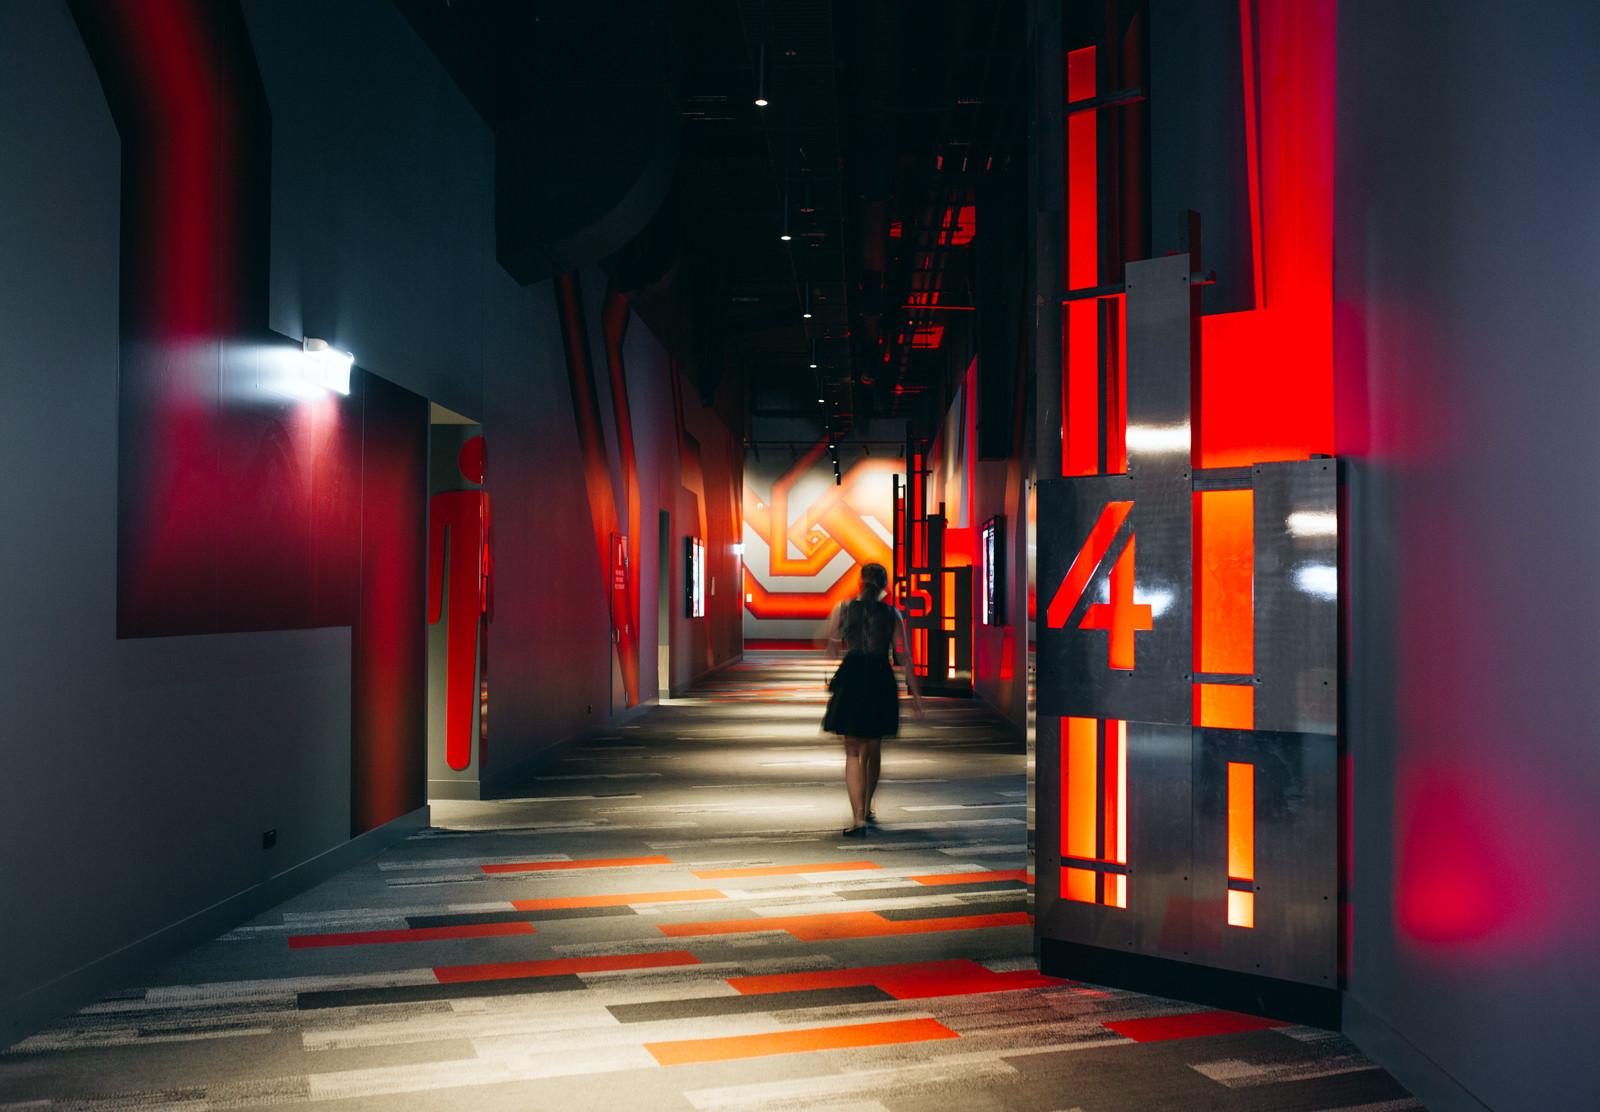 春田市Event Cinemas 影院环境图形设计©Deuce Design